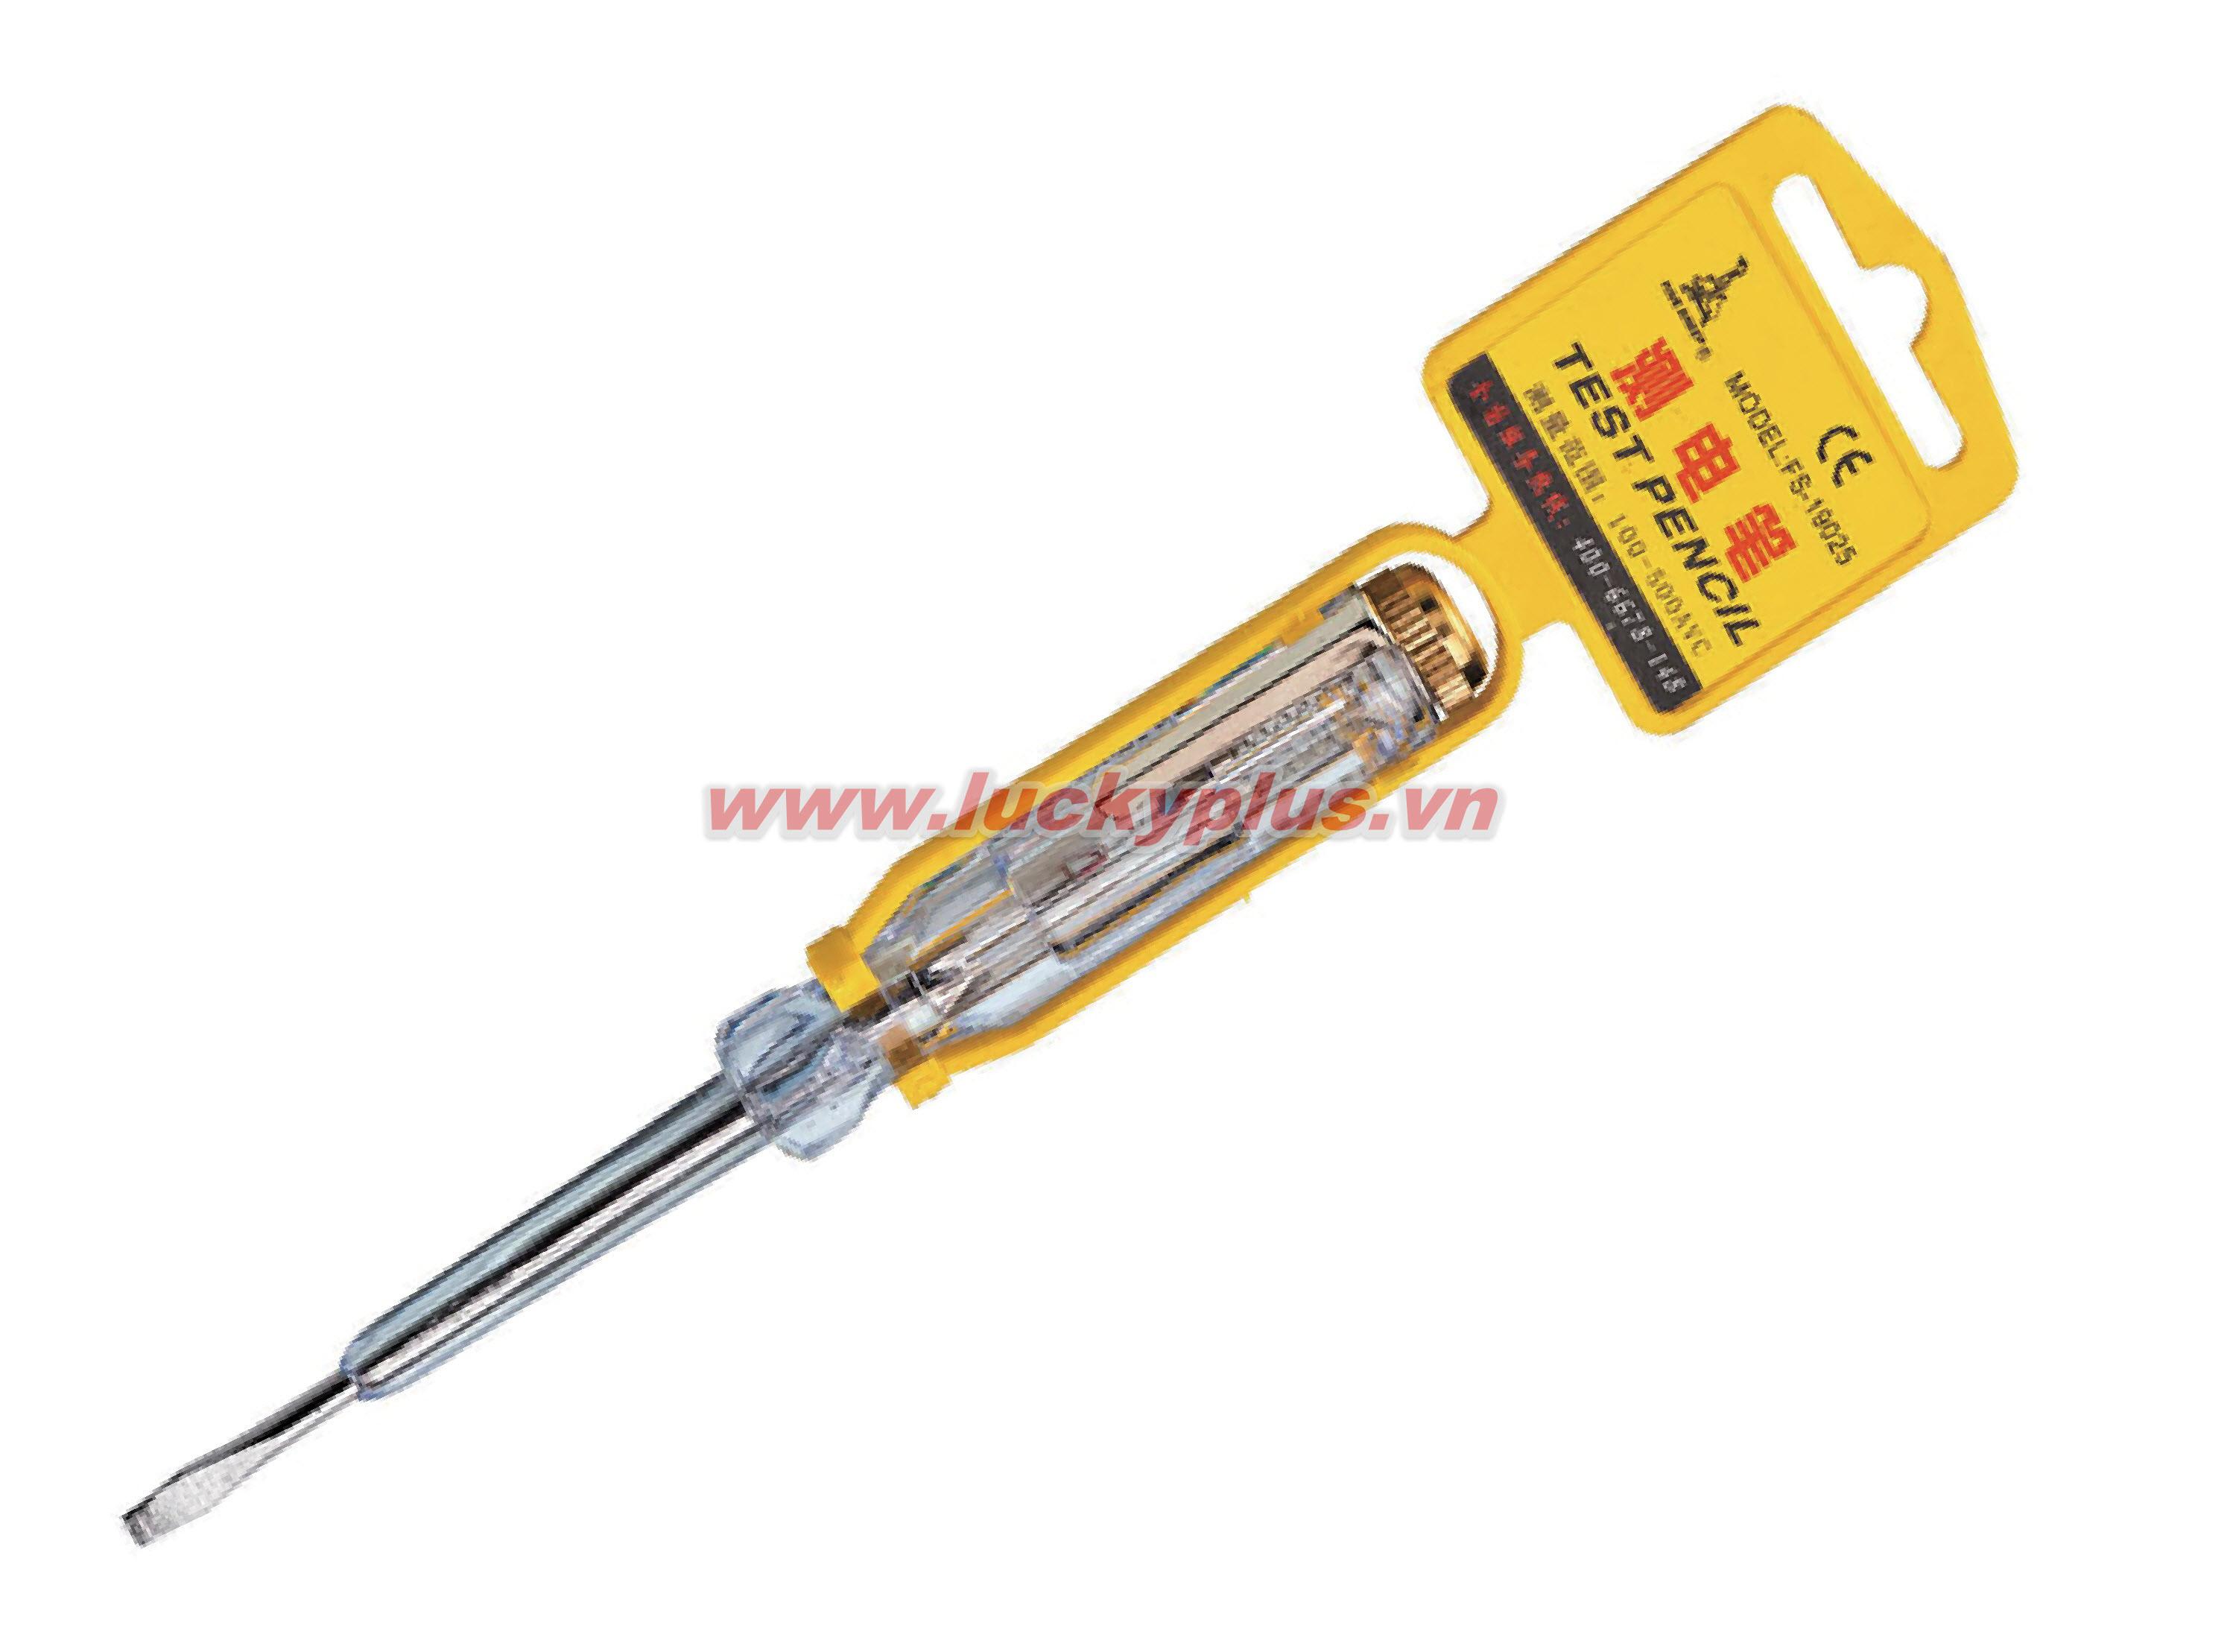 Bút thử điện FiveSheep FS-19025 , FS-19026